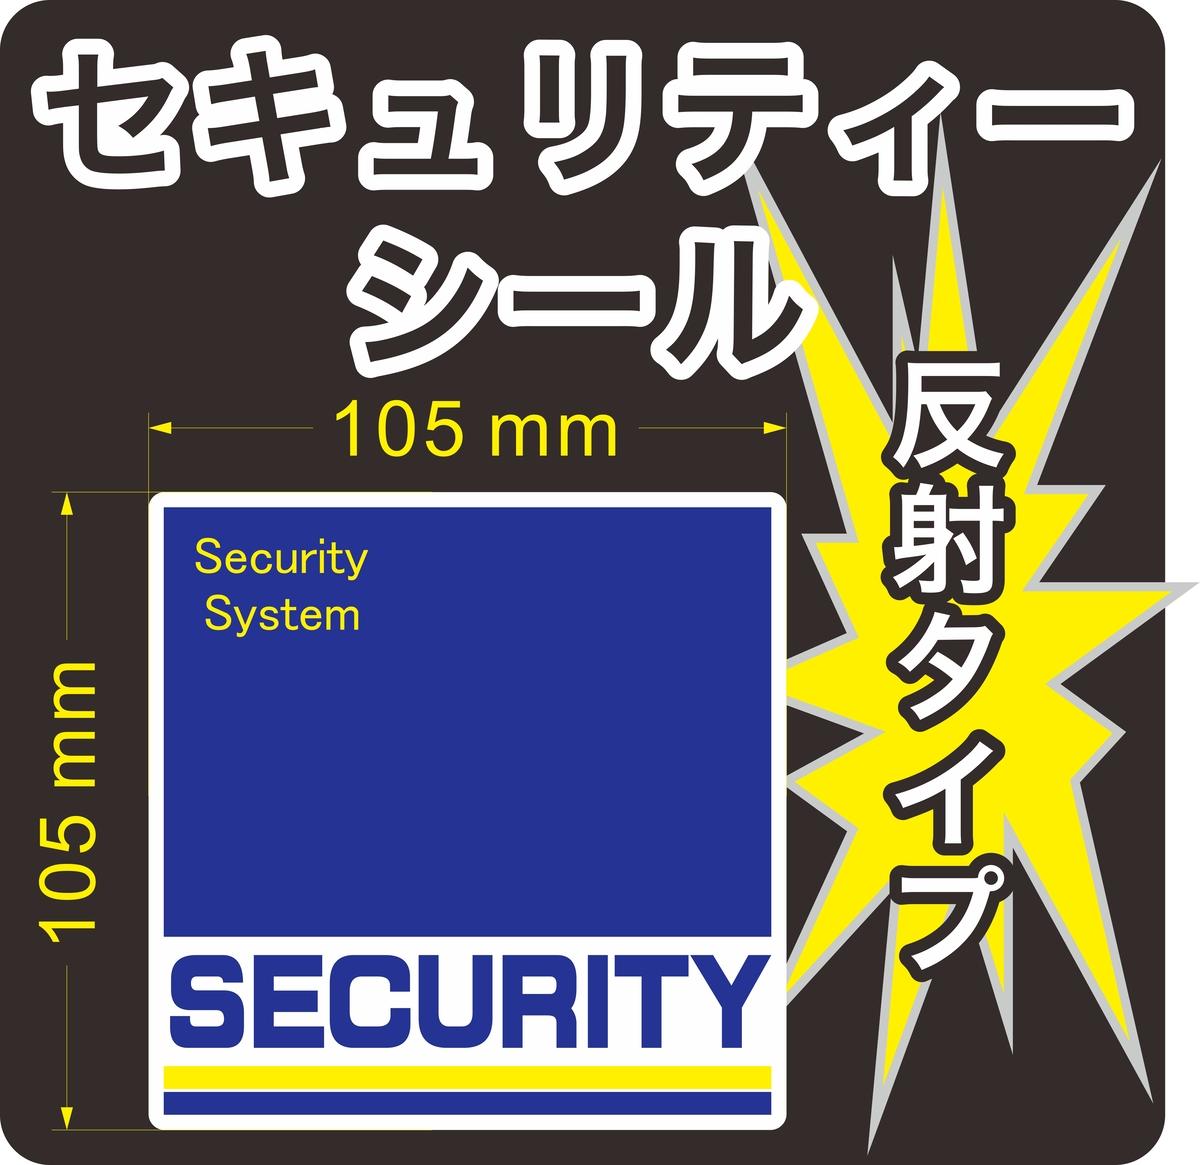 セキュリティー 防犯 カメラ ステッカー キャンペーンもお見逃しなく シール 反射 日本製 1枚 正方形 お中元 105mm×105mm 当社製作 屋外使用可能